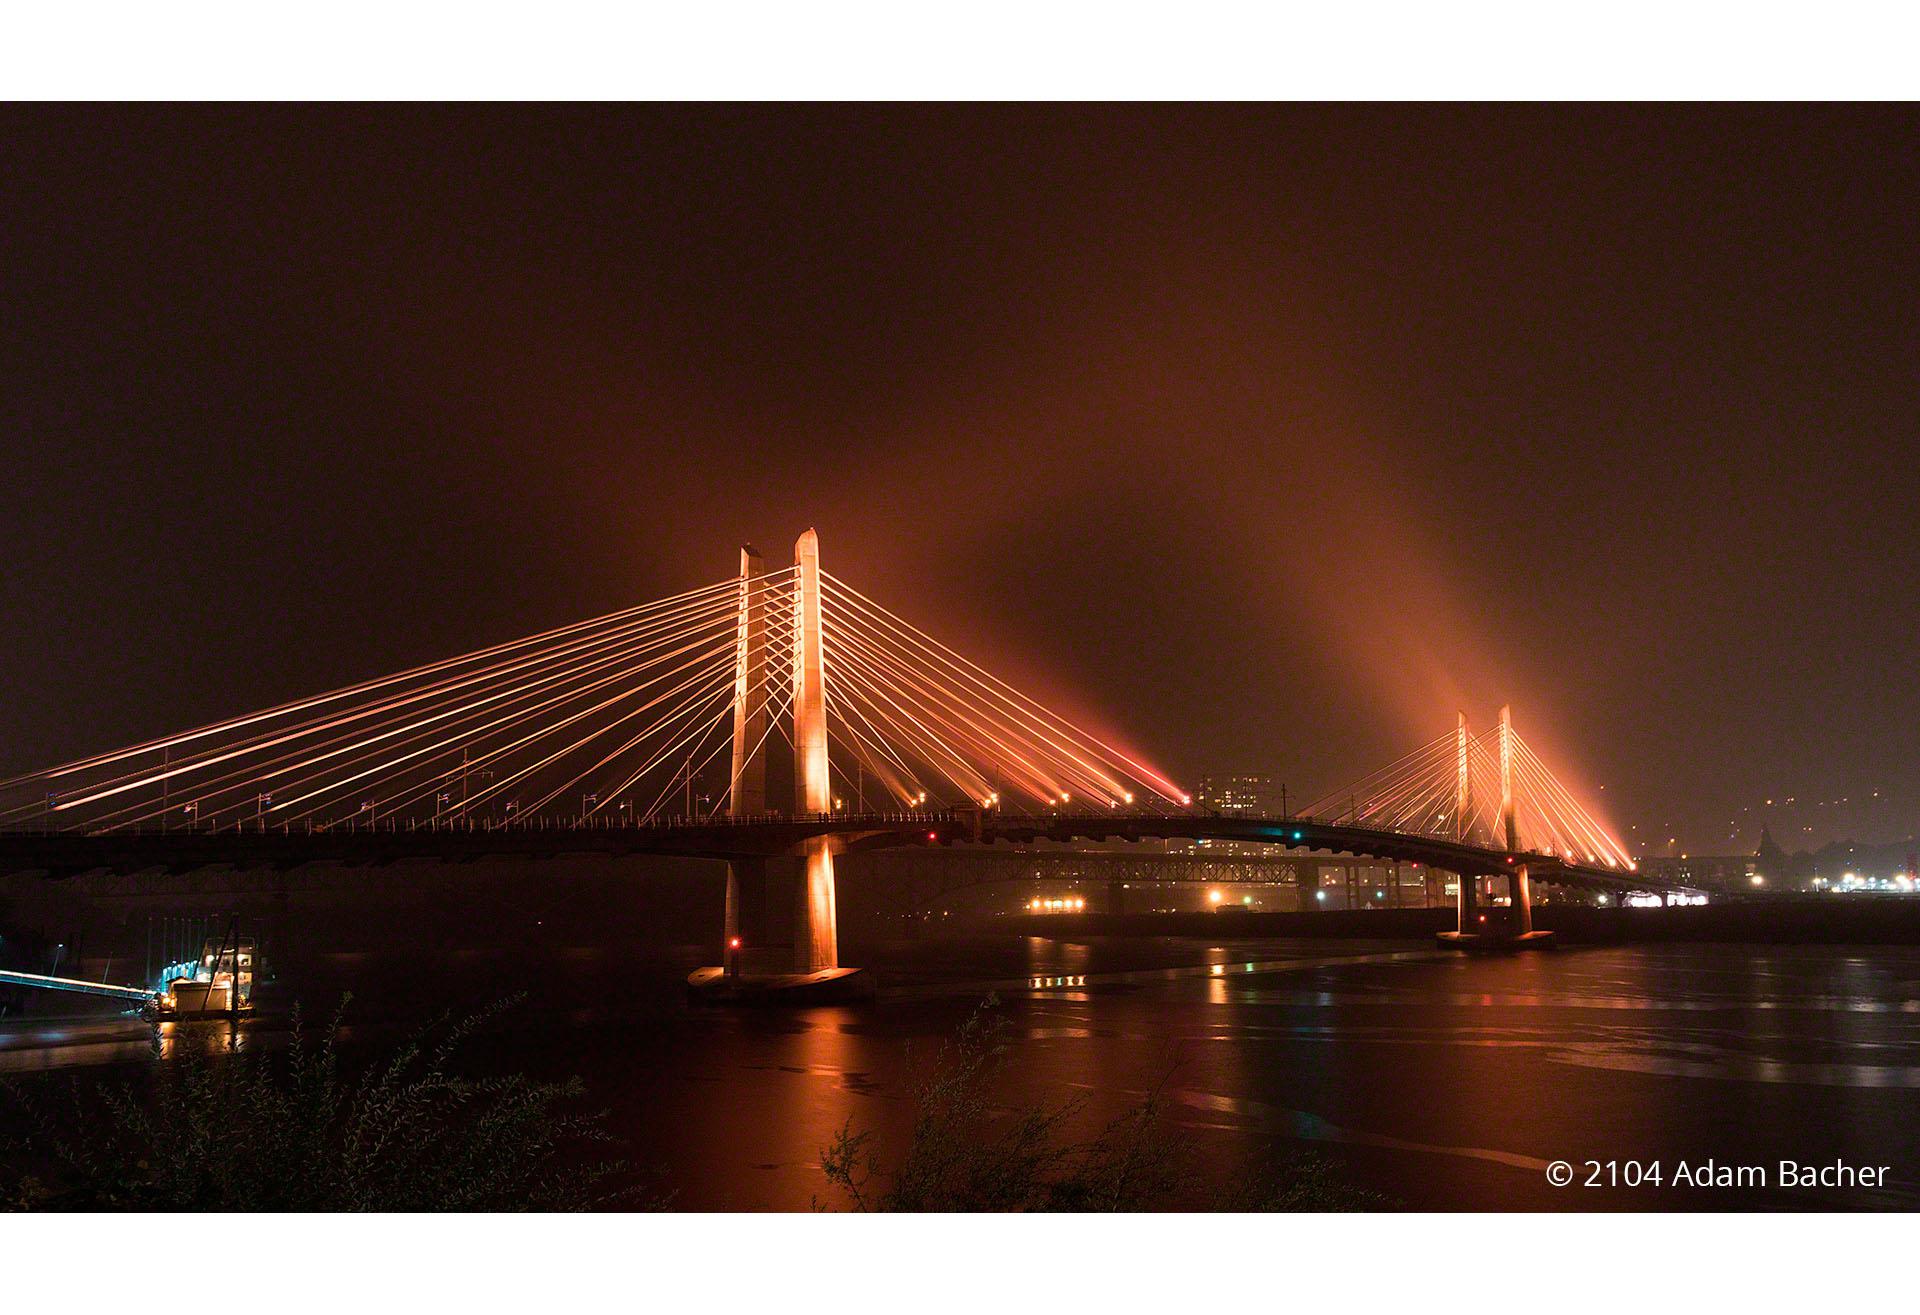 Tilikum Bridge by Portland Oregon architectural photographers